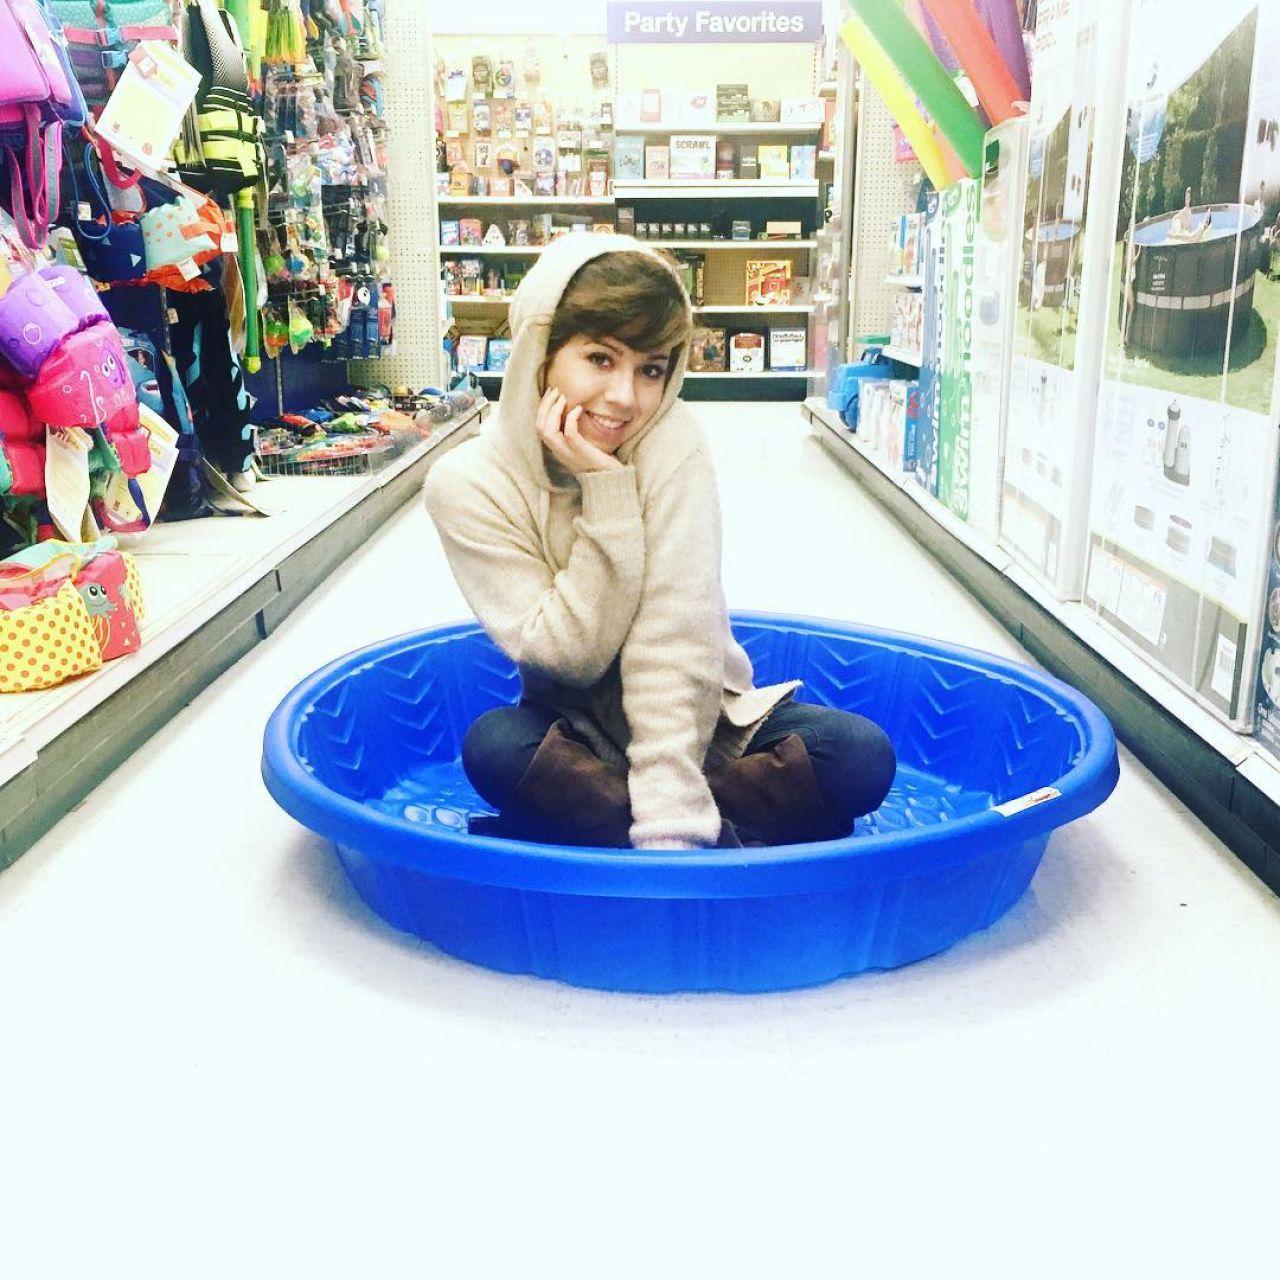 Jennette Mccurdy Instagram 2017